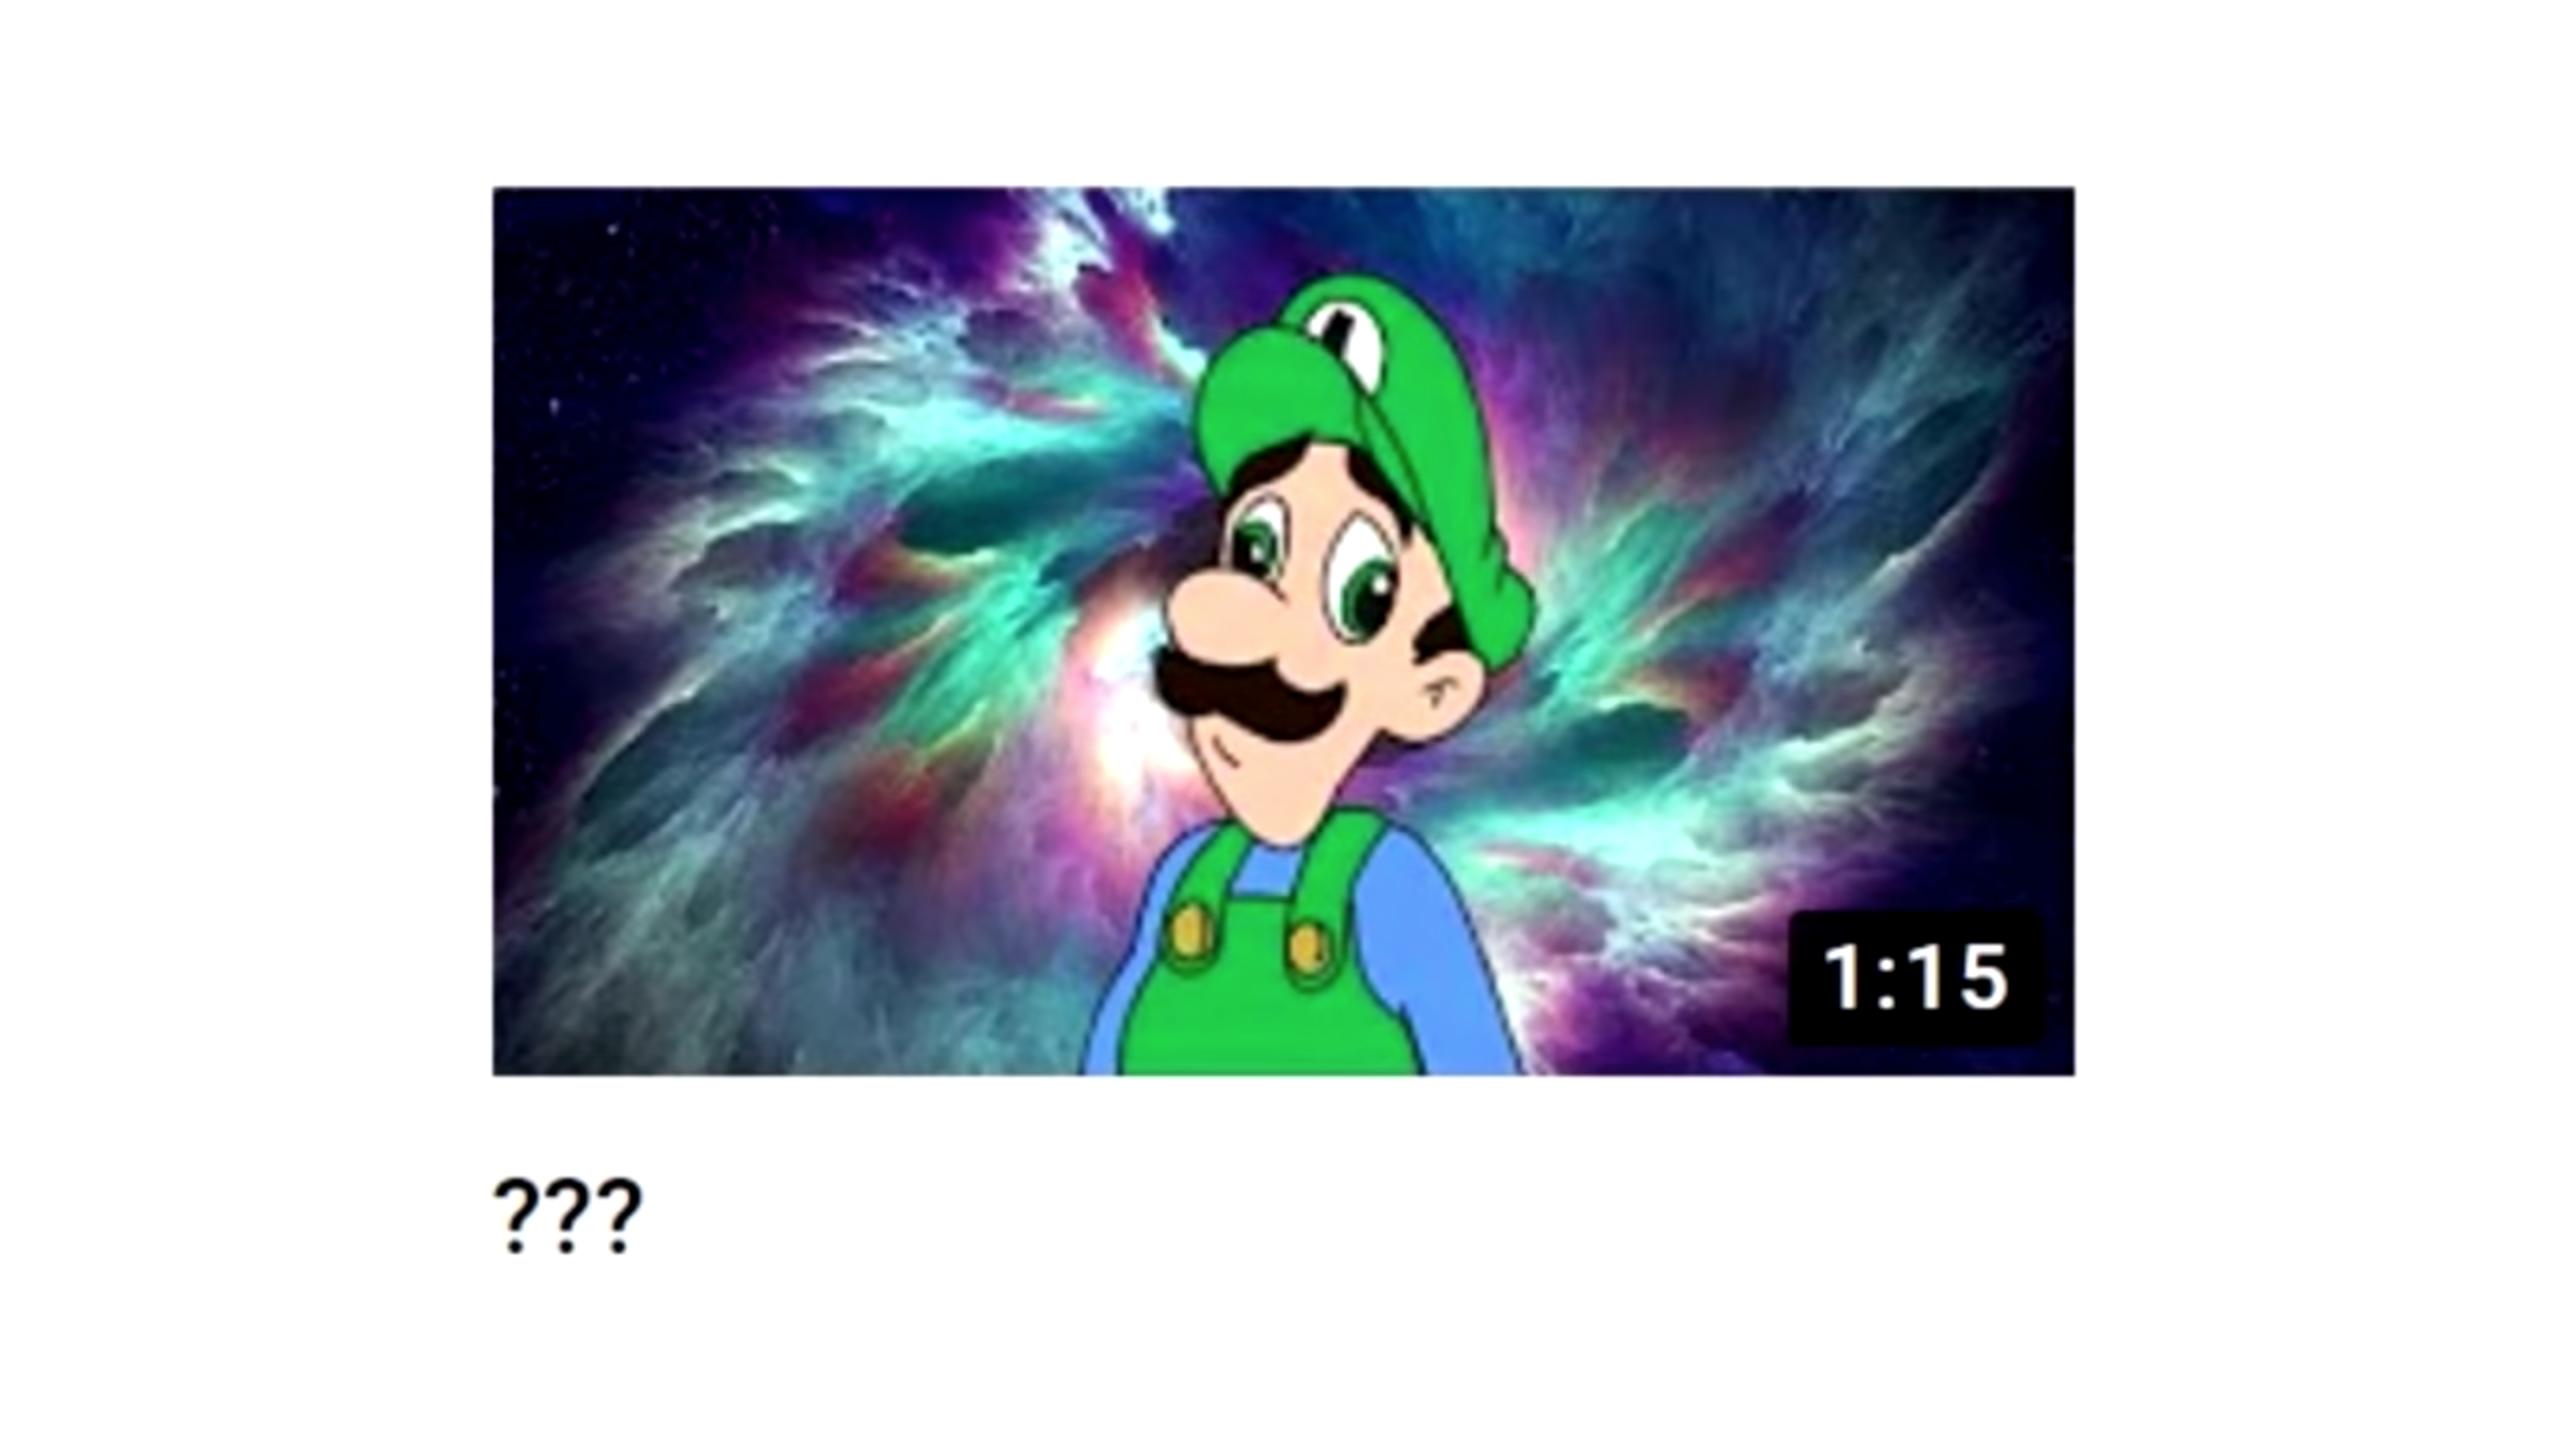 ??? (video)